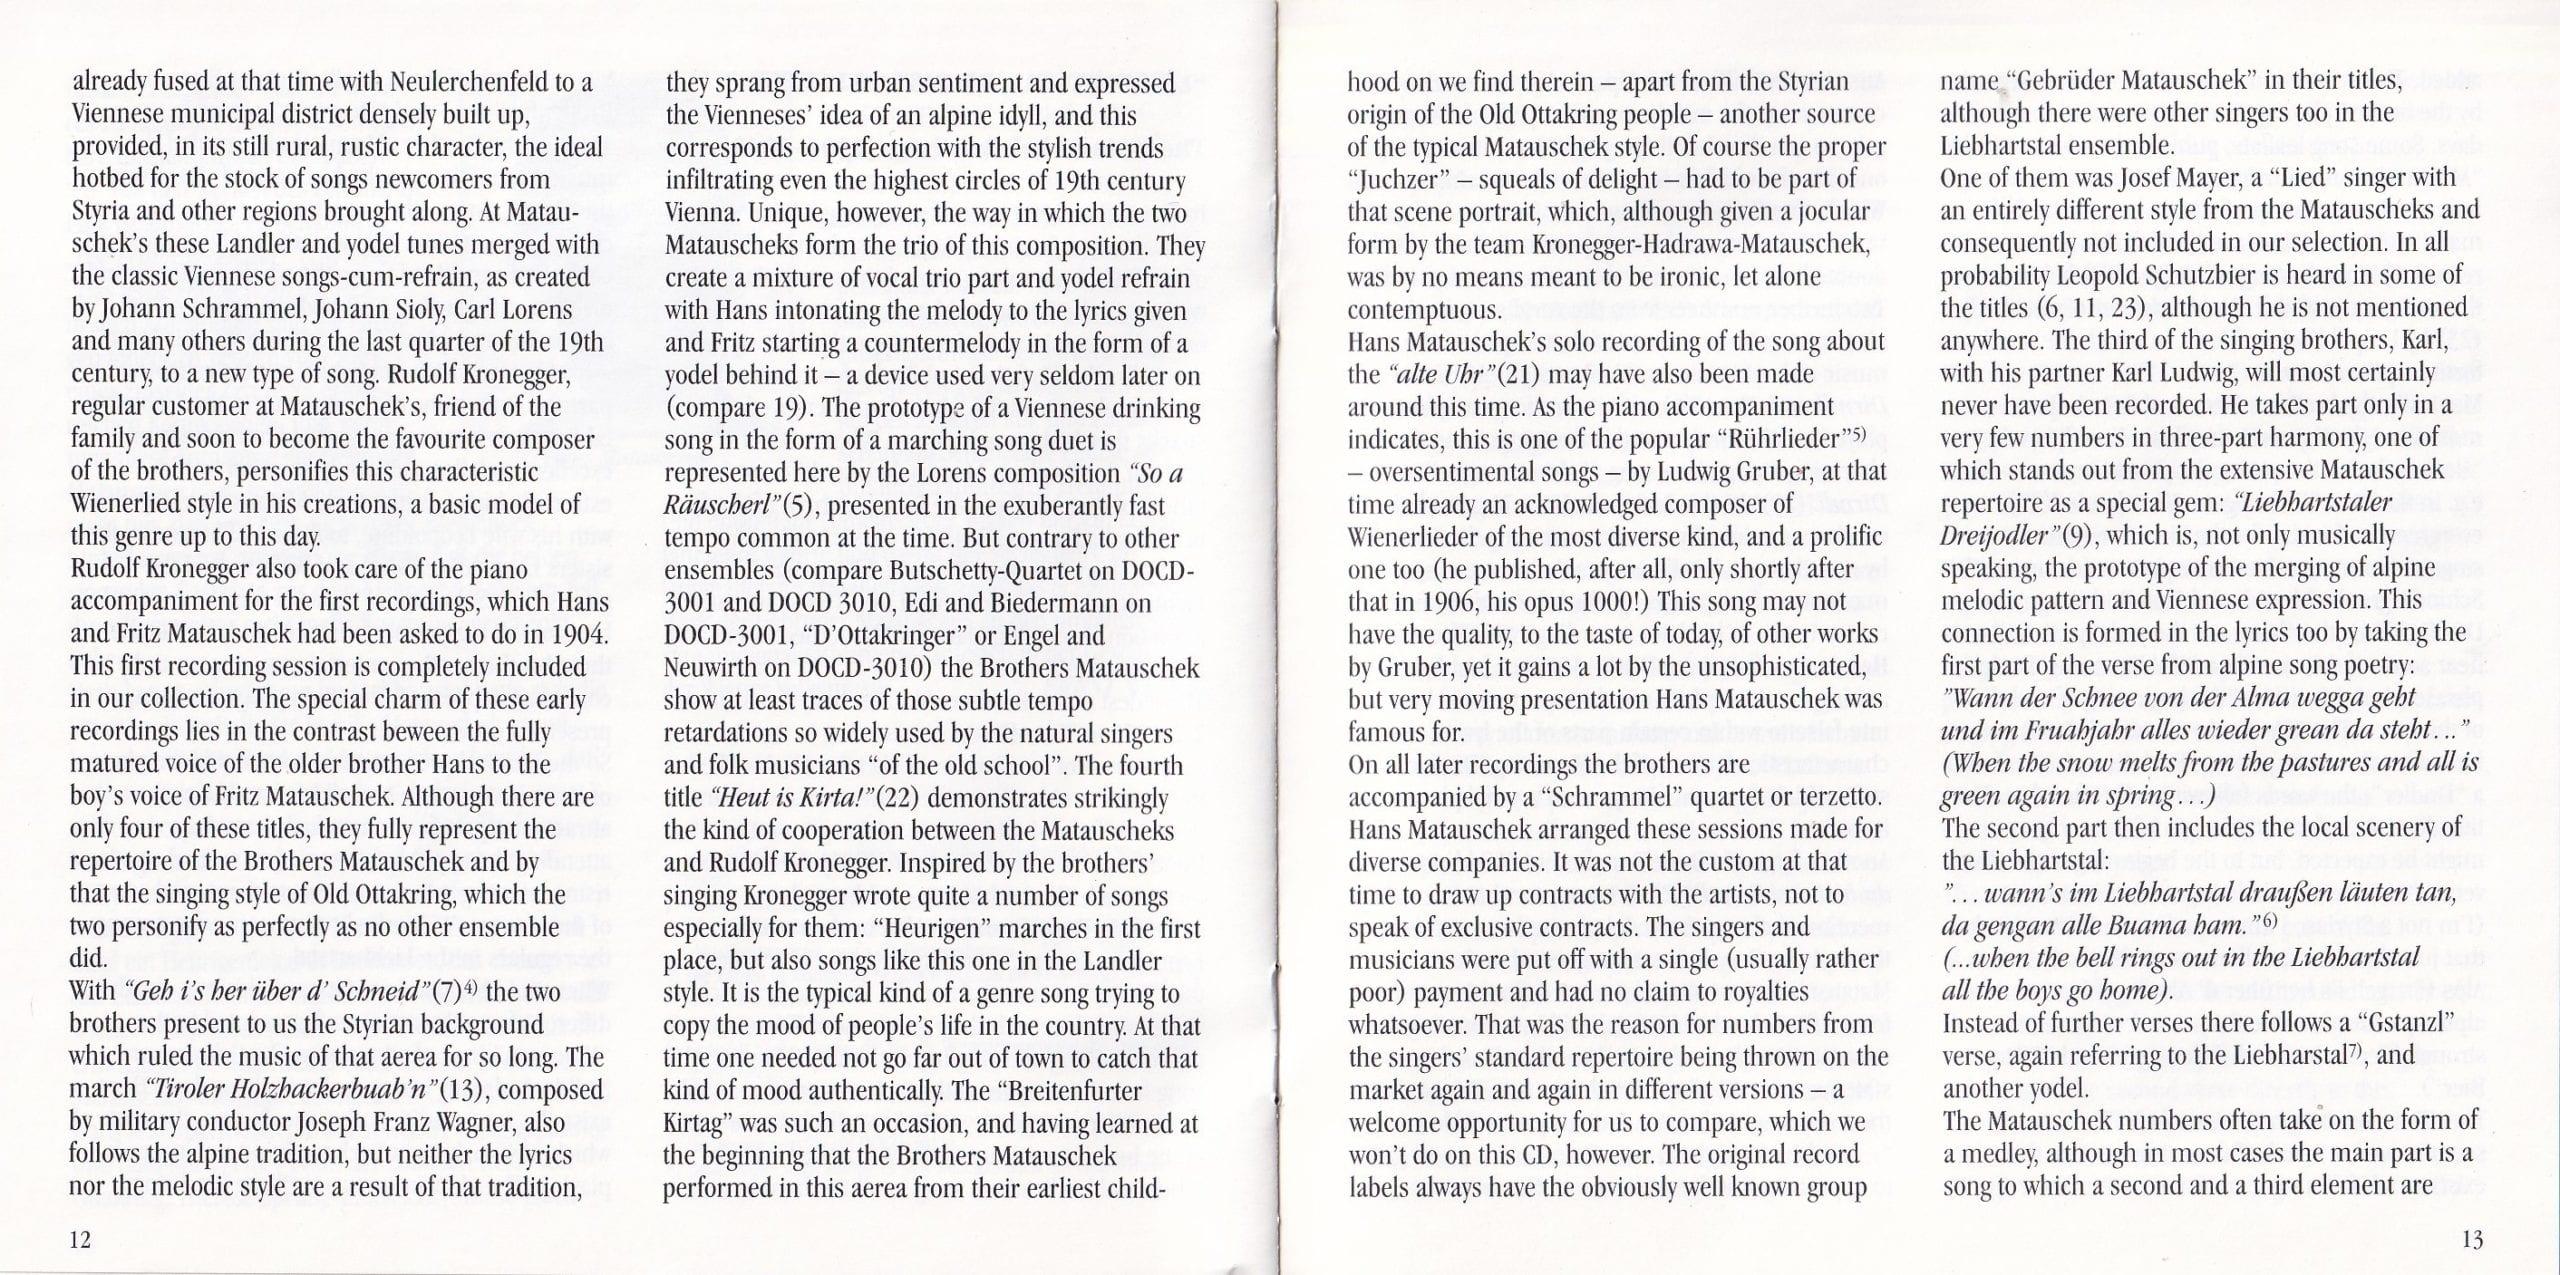 Liebhartstal, du bist mei Freud – Booklet – 12-13